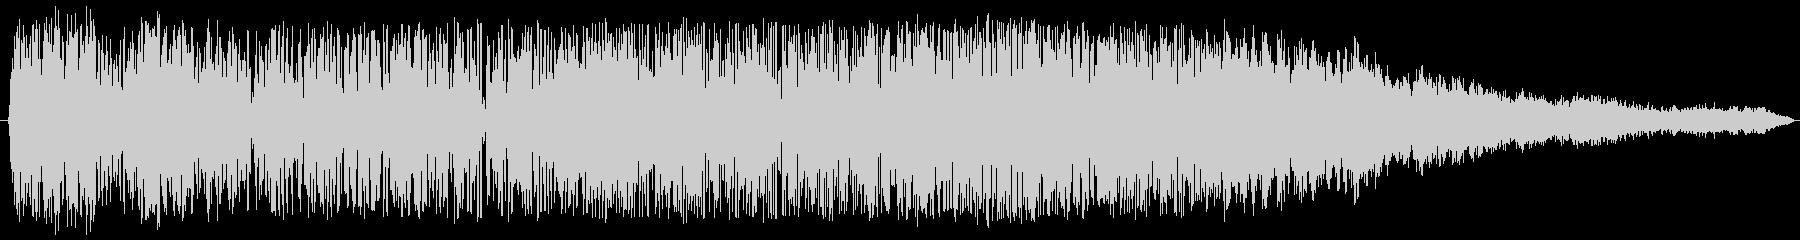 スペイシーフライオフスイープ2の未再生の波形